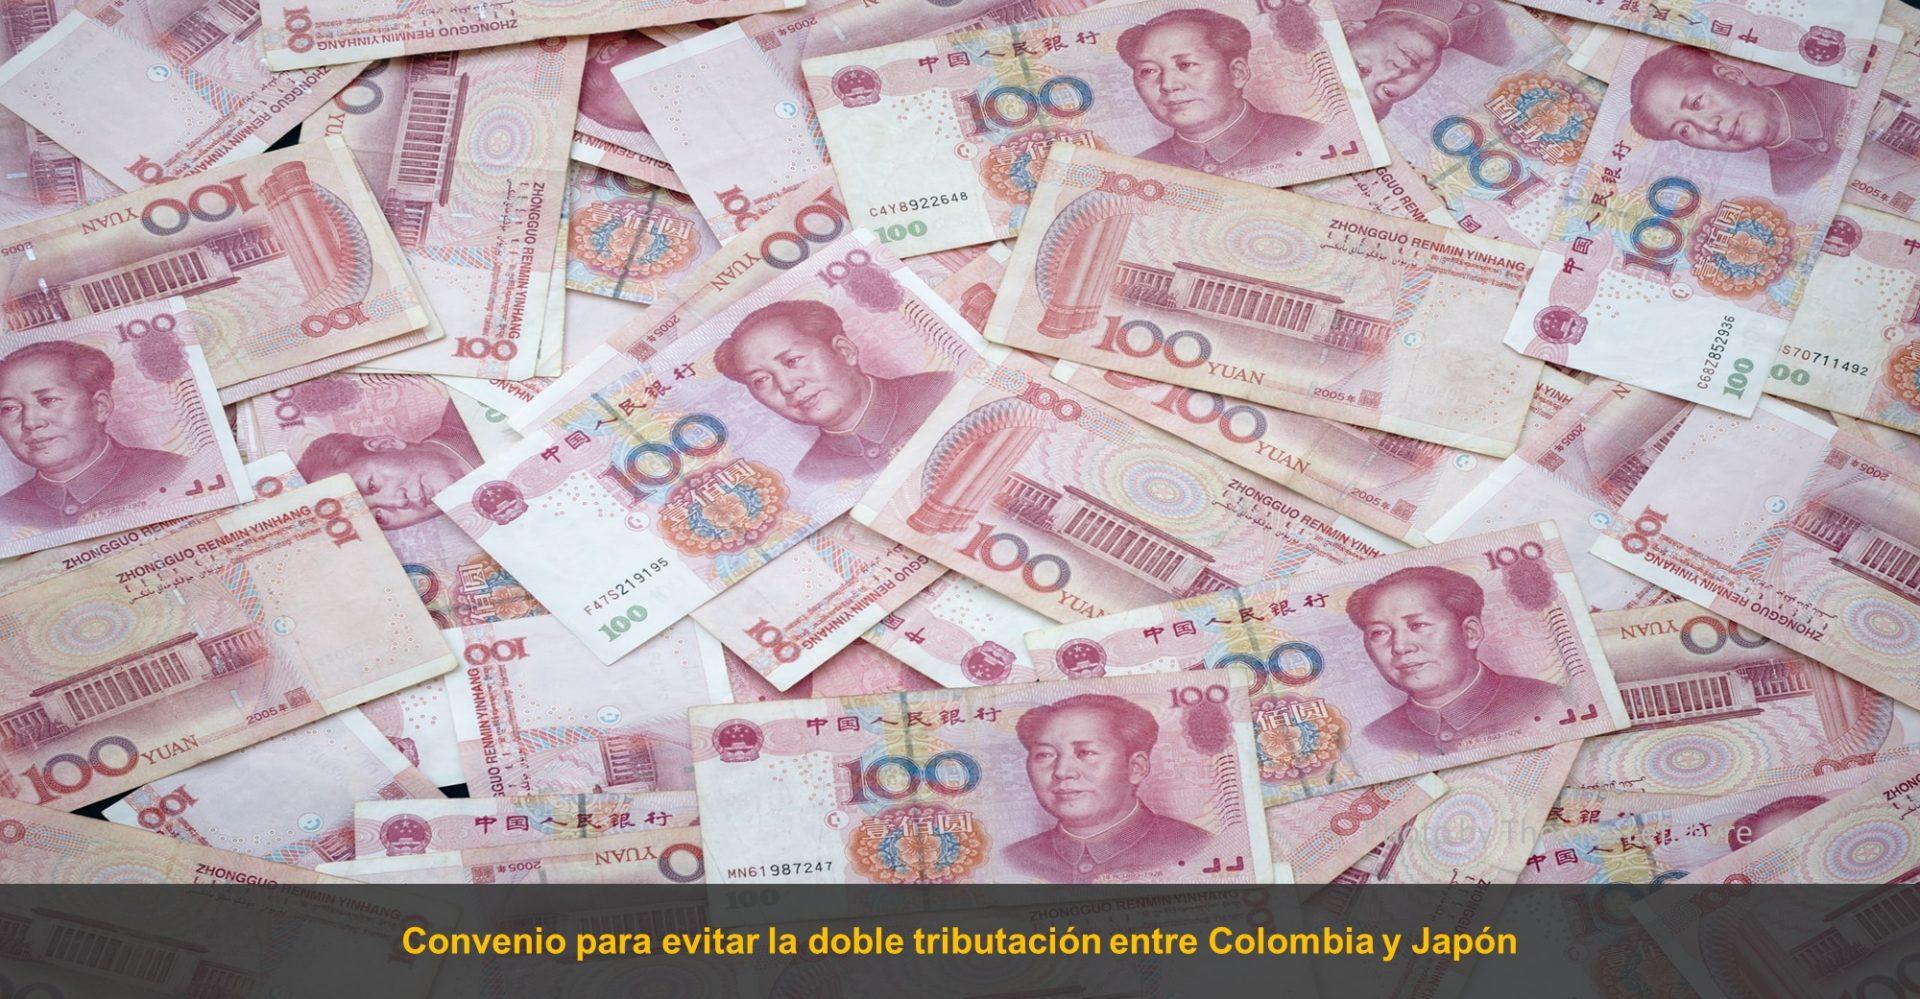 Convenio doble tributación Colombia Japón